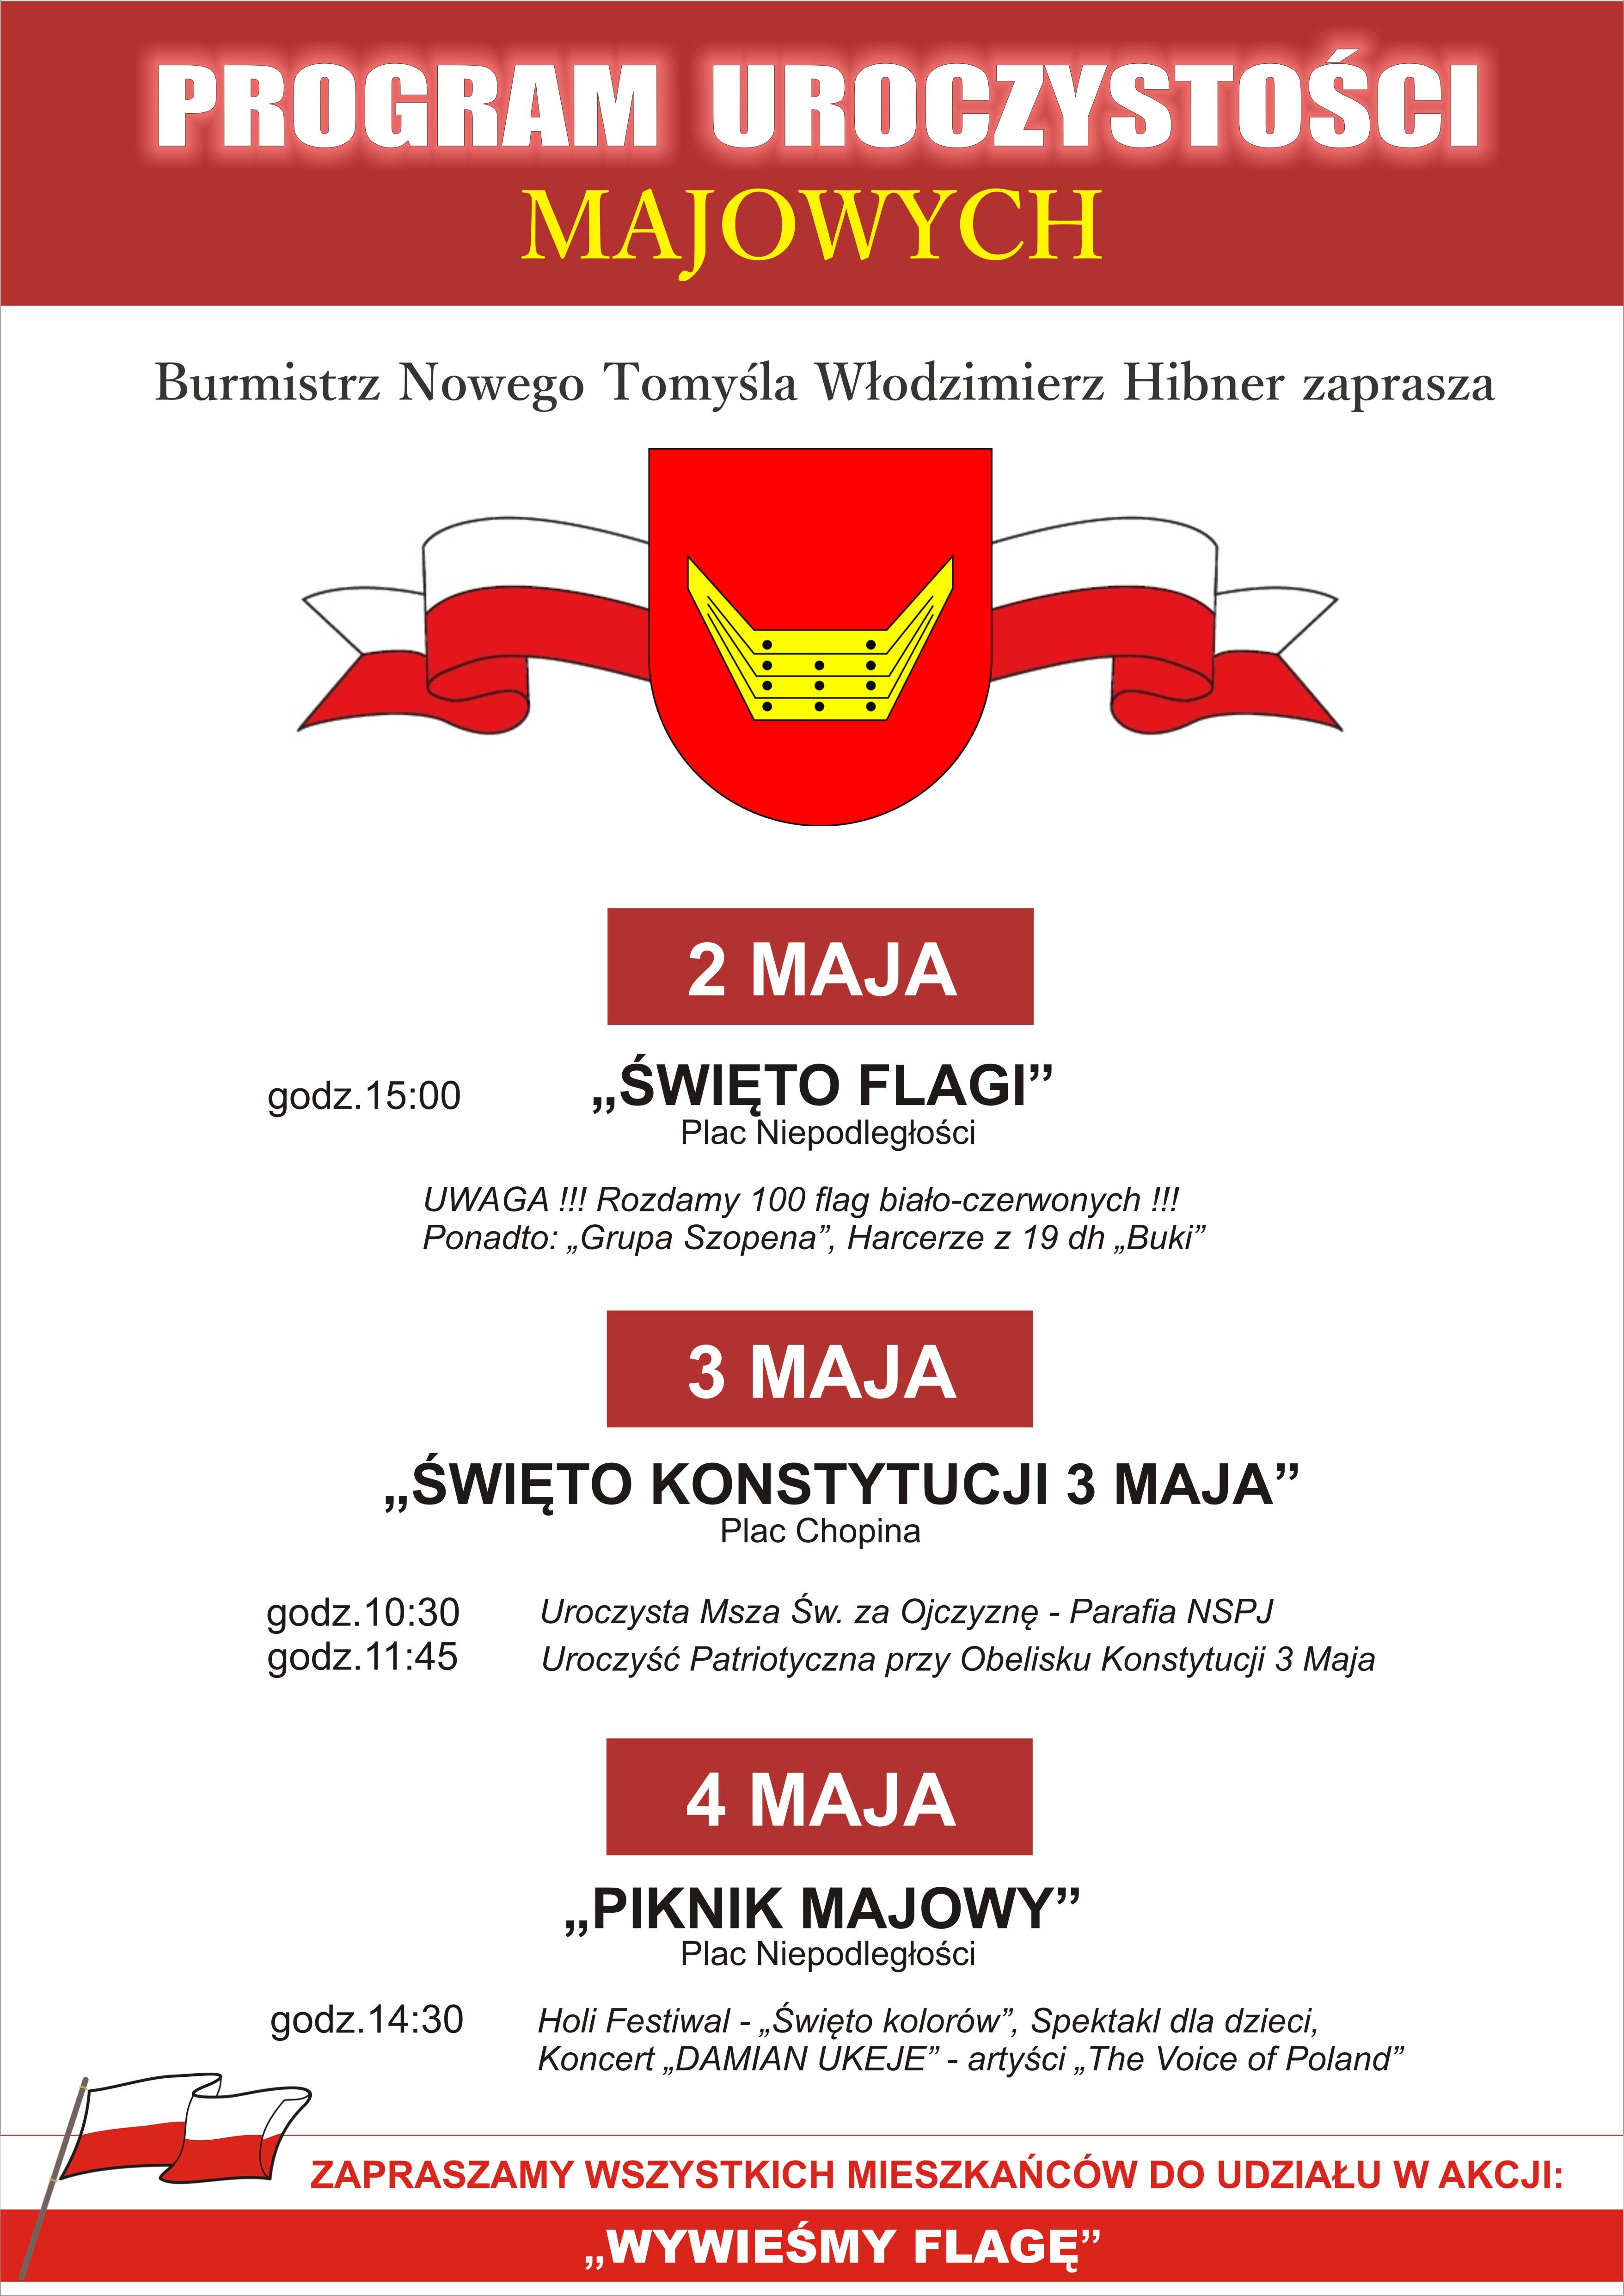 Program uroczystości majowych